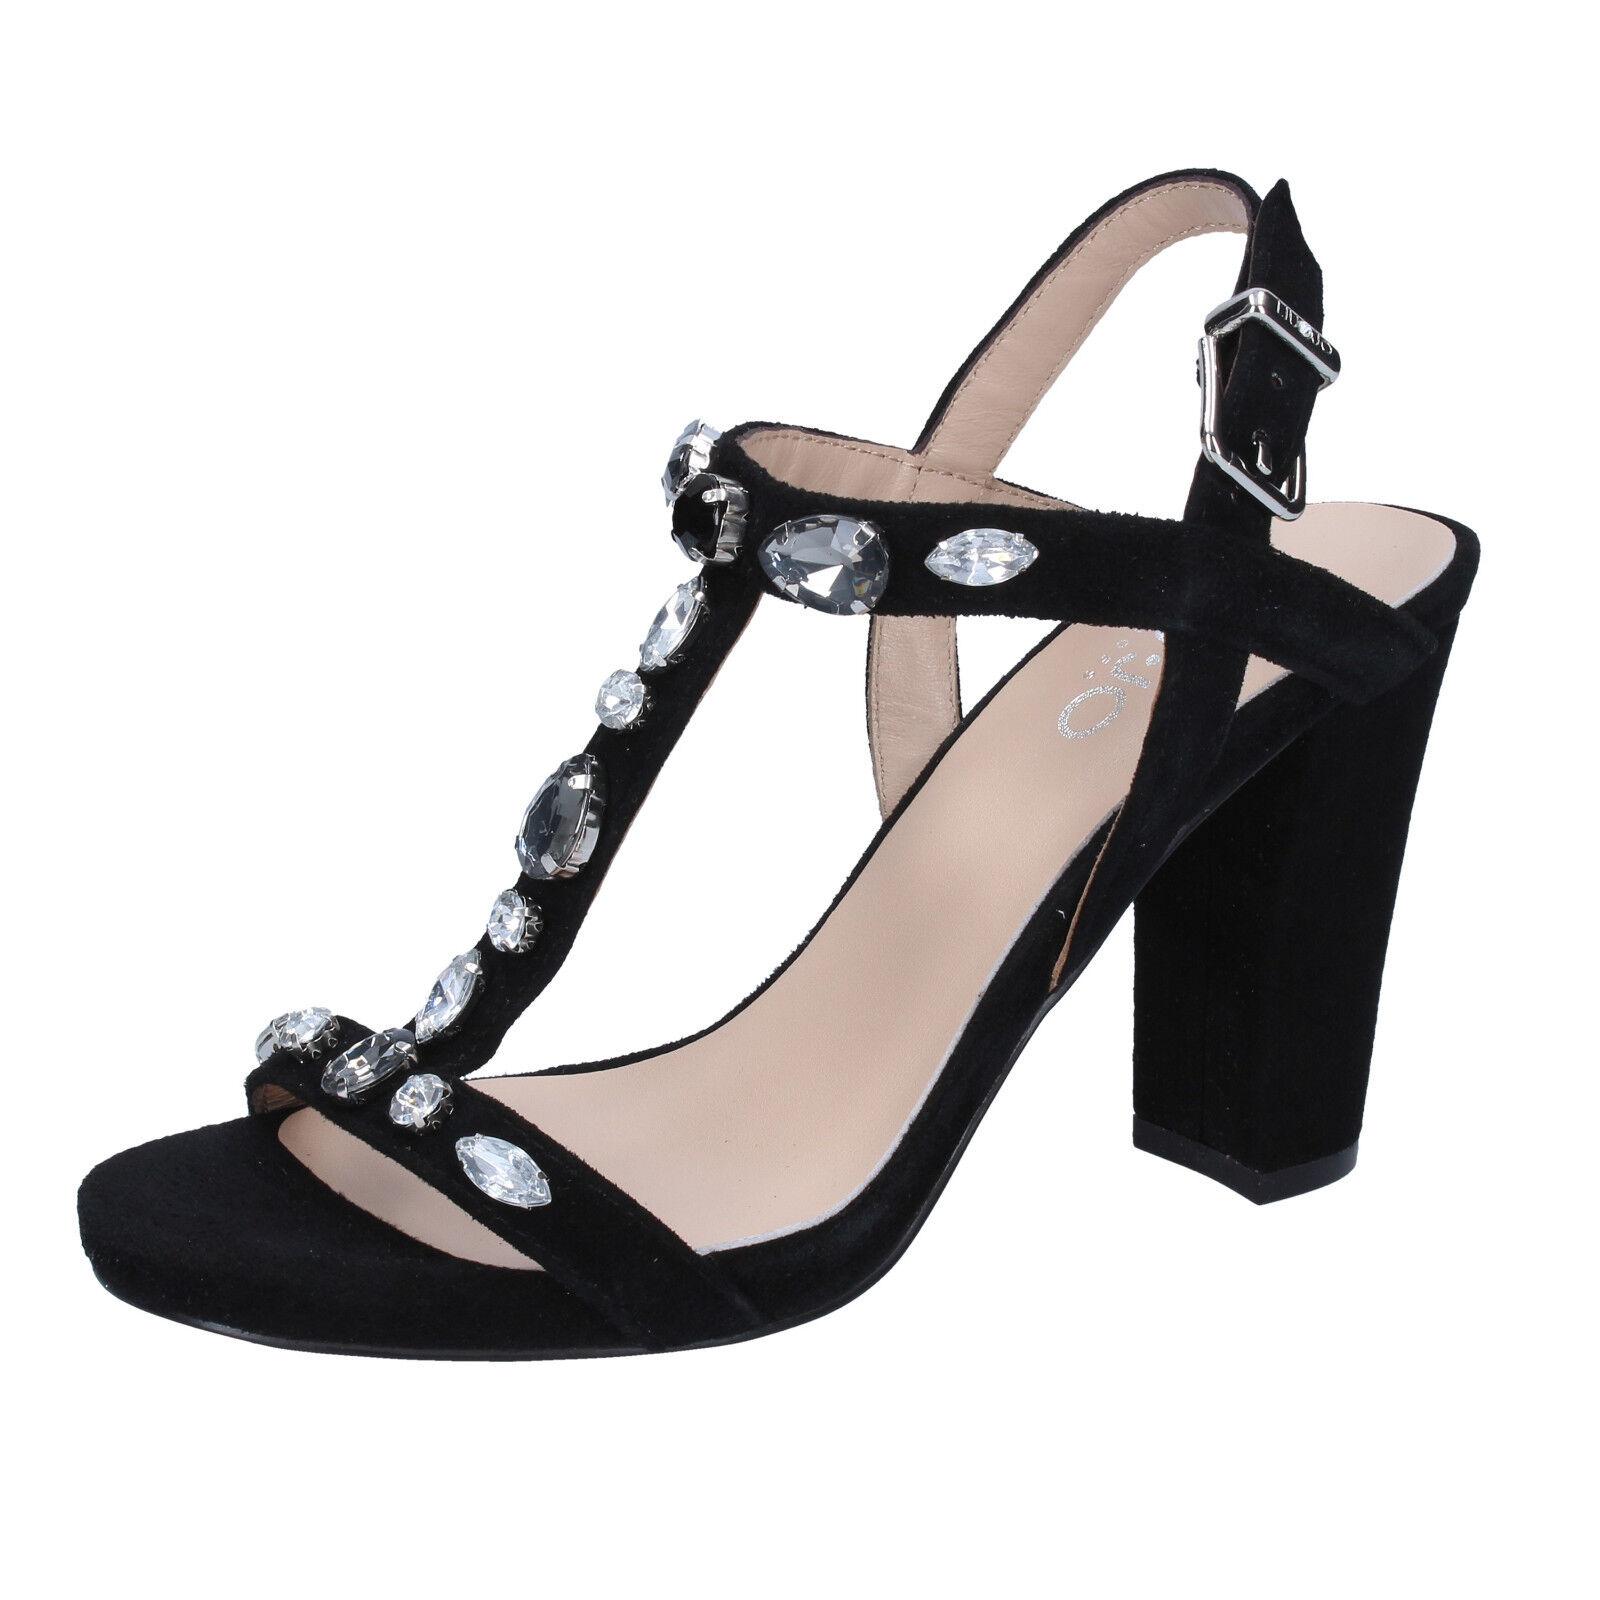 EU  donna LIU JO 35 EU  sandali nero camoscio BZ119-B 57e900